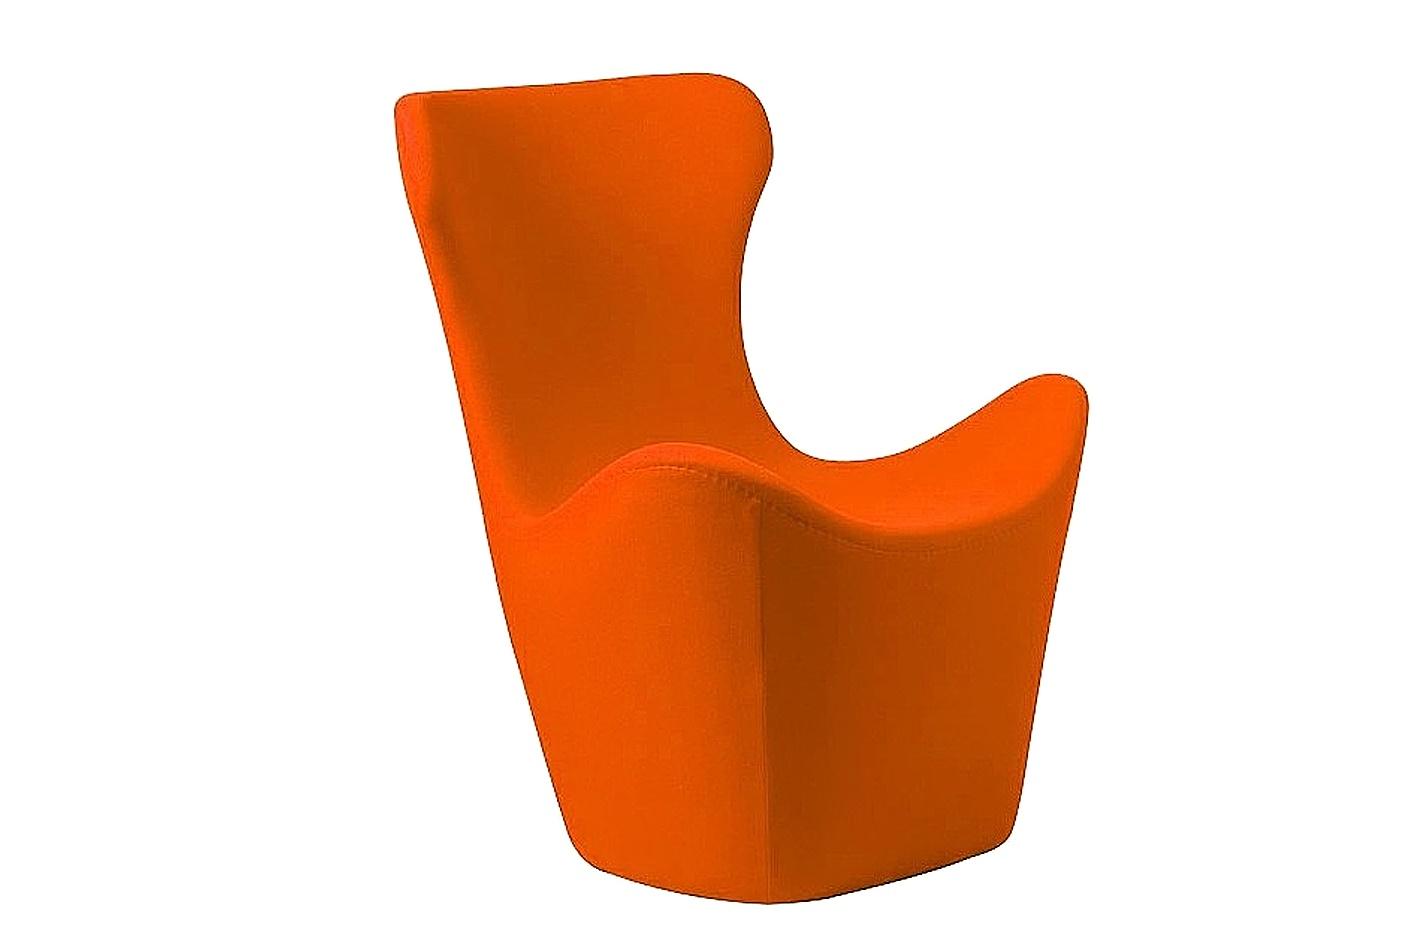 Кресло Papilio Lounge ChairИнтерьерные кресла<br>Сочетание необычного дизайна, комфортного мягкого кашемира и насыщенного оранжевого цвета. Это кресло для отдыха &amp;quot;PAPILIO LOUNGE CHAIR&amp;quot;, модель японского дизайнера Наото Фукасава, которая станет ярким акцентом современного интерьера. В нем будет так тепло зимой и прохладно летом. Эргономичная высокая спинка с подголовником обеспечит полную релаксацию. Идеальный союз – с оттоманкой для ног от того же мастера.<br><br>Material: Кашемир<br>Length см: 83<br>Width см: 82<br>Height см: 103